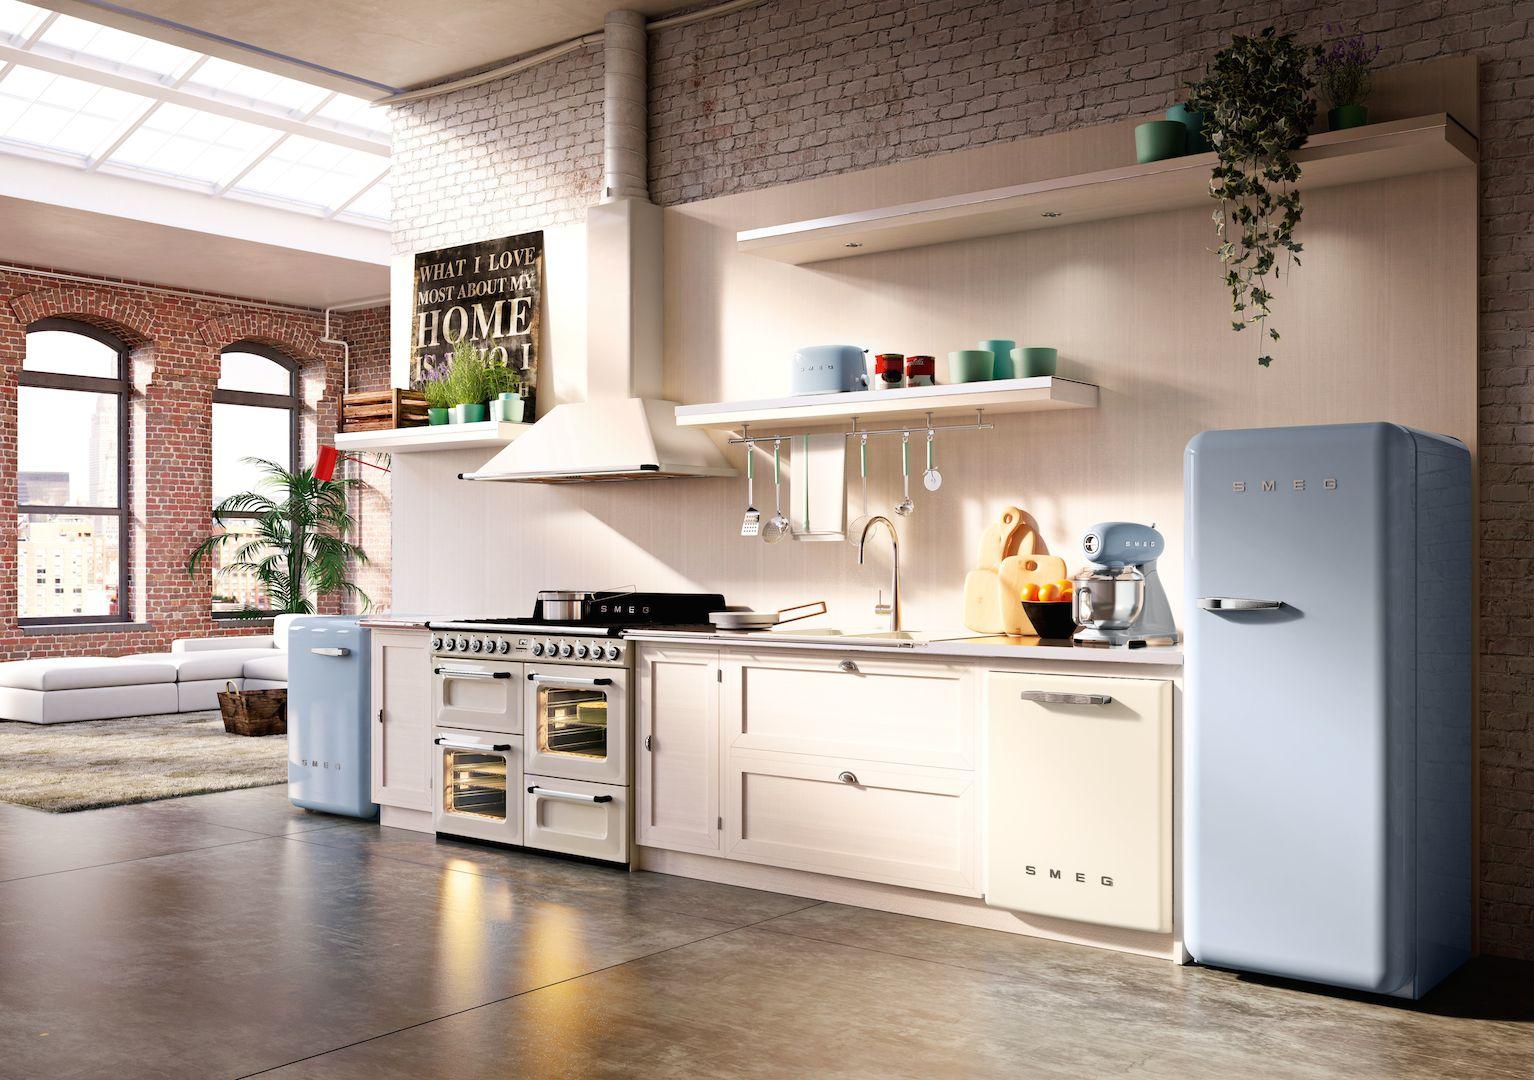 moderne huishoudelijke apparaten voor de keuken